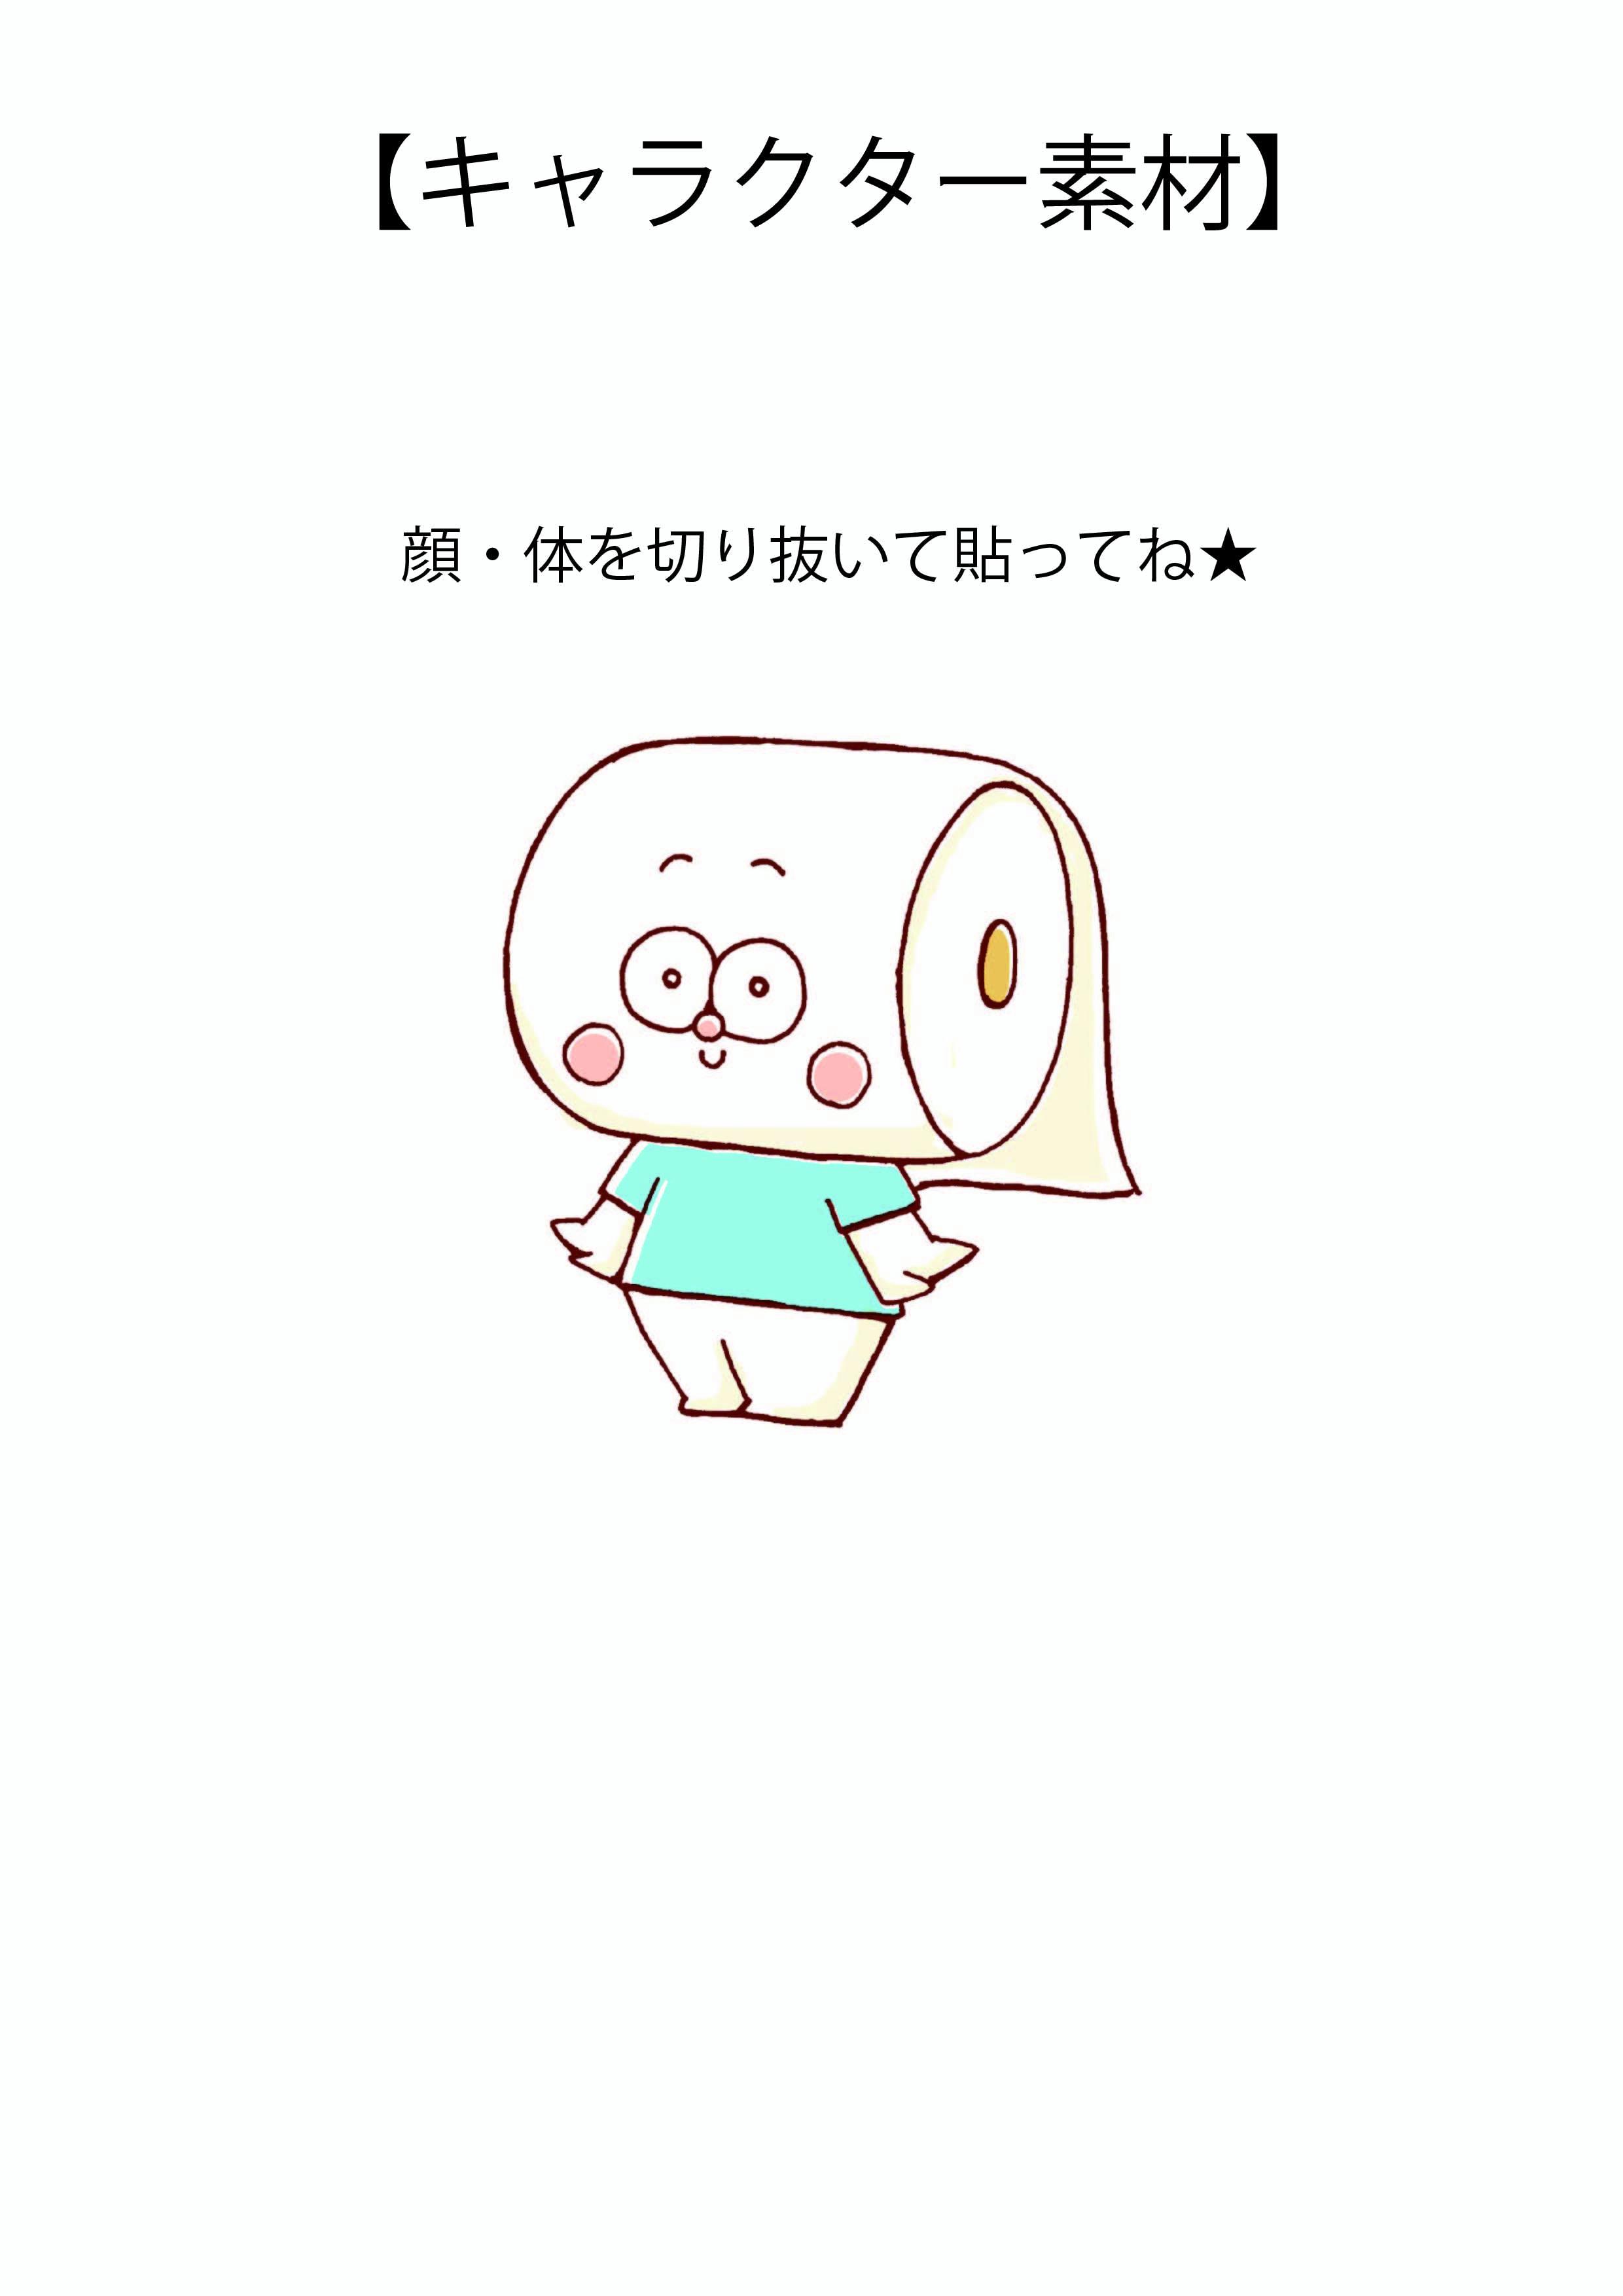 キャラ素材-01